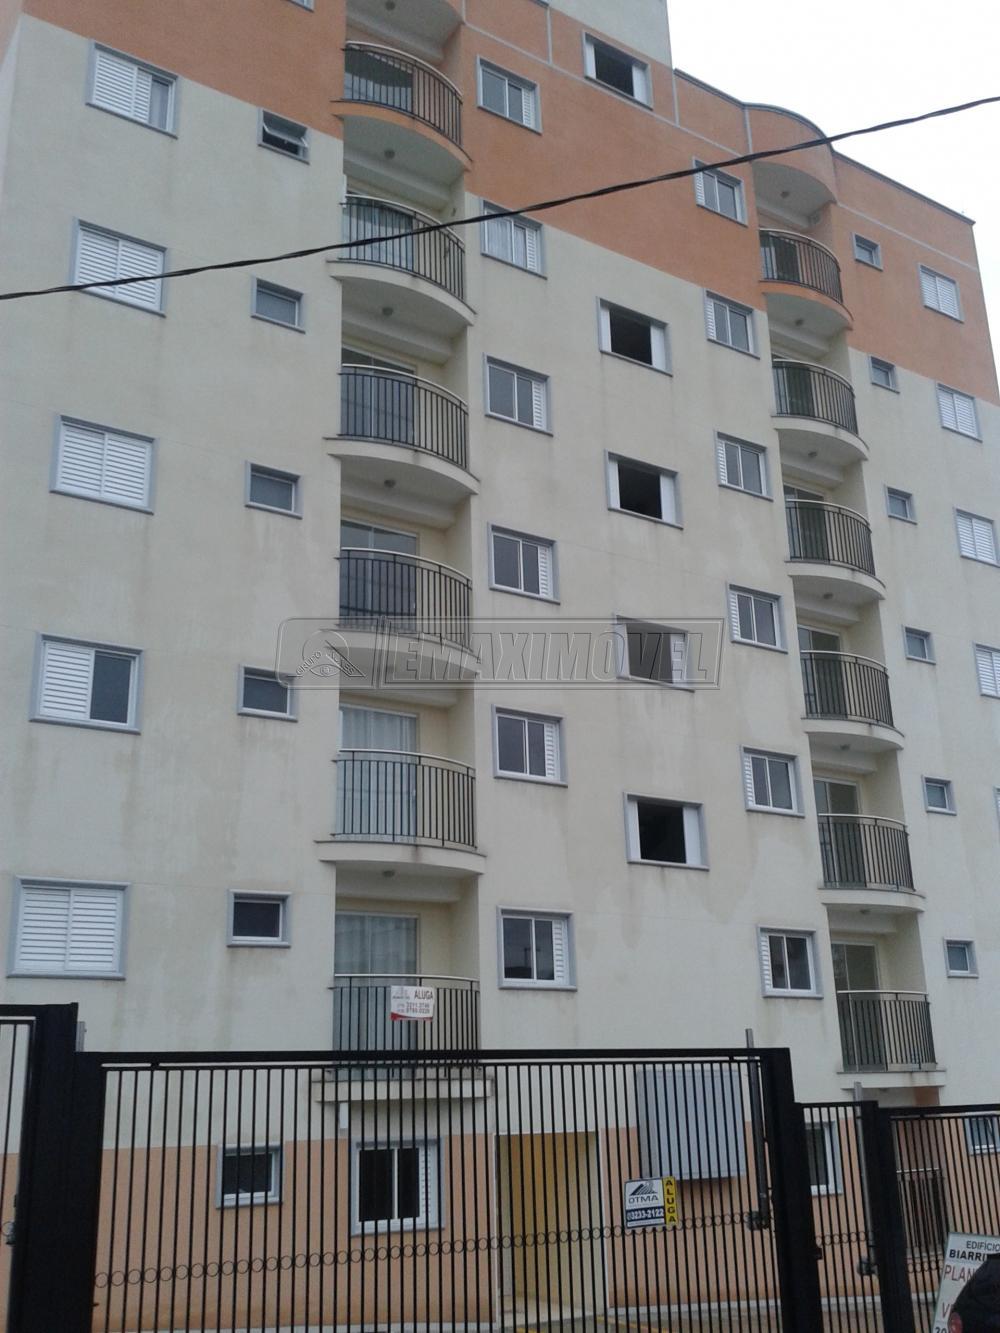 Comprar Apartamento / Cobertura em Sorocaba R$ 249.000,00 - Foto 2